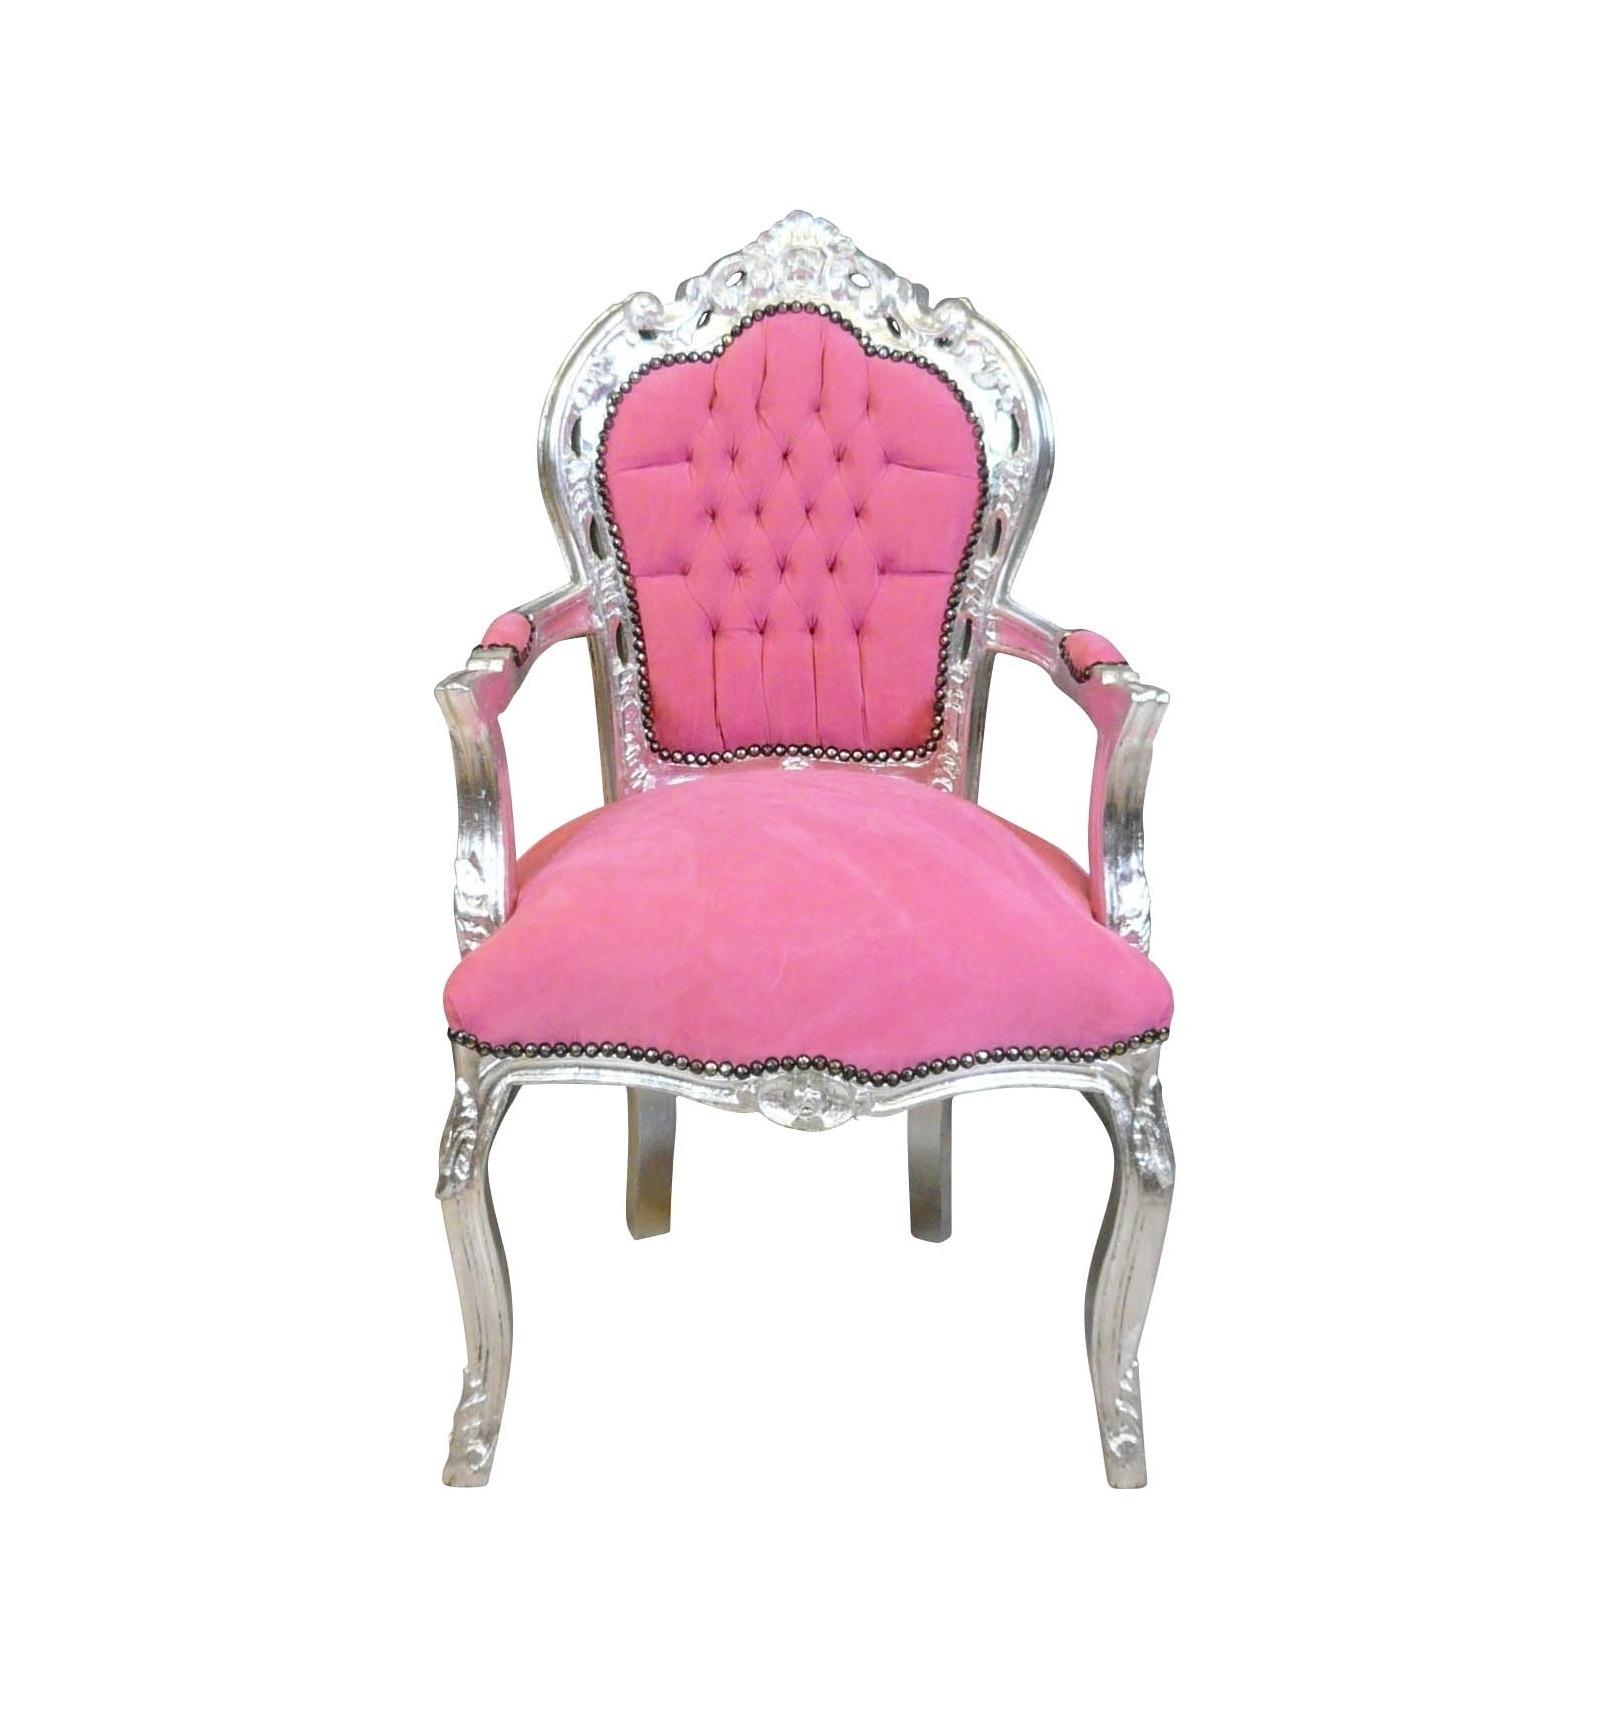 Fauteuil baroque rose et argent mobilier baroque pas cher - Fauteuil pour chambre adulte ...